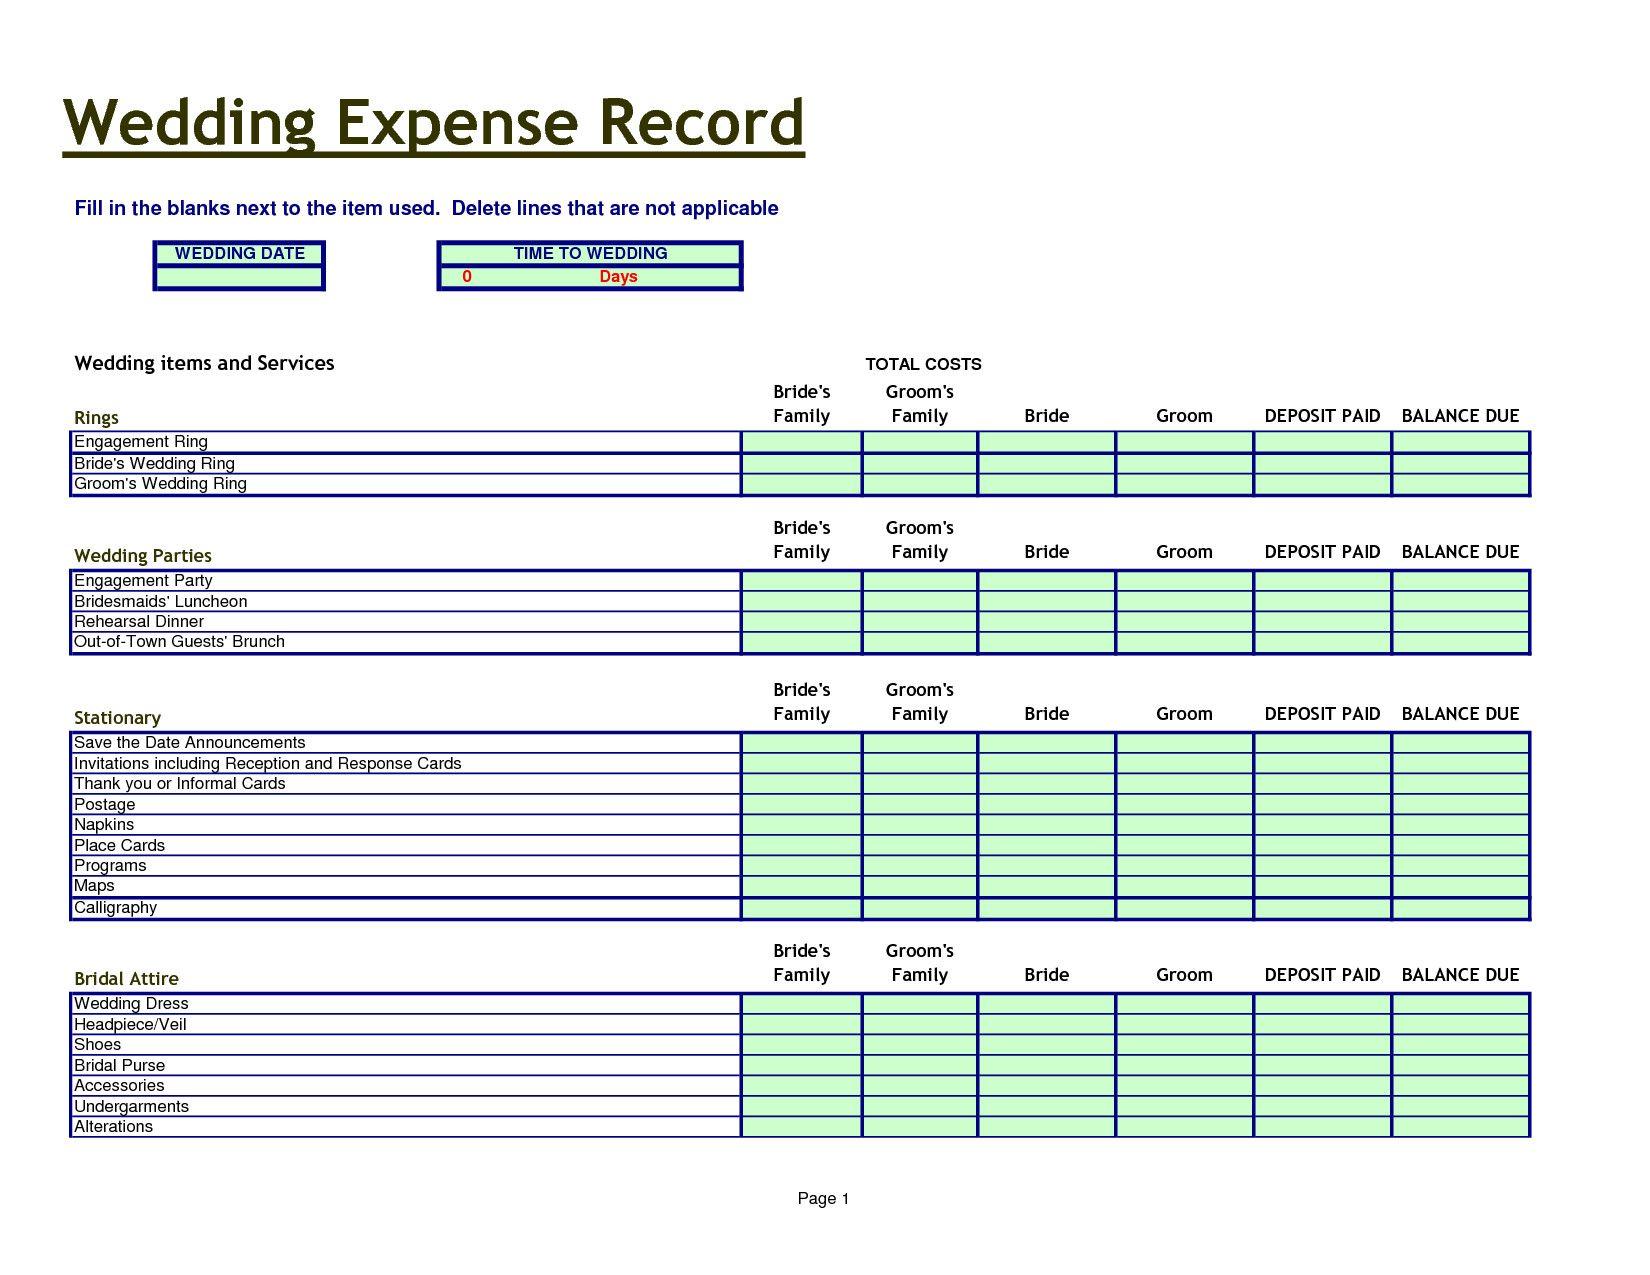 Wedding Planning Checklist Template Luxury Printable Wedding Planning Check Event Planning Spreadsheet Free Wedding Budget Spreadsheet Wedding Budget Worksheet [ 1275 x 1650 Pixel ]